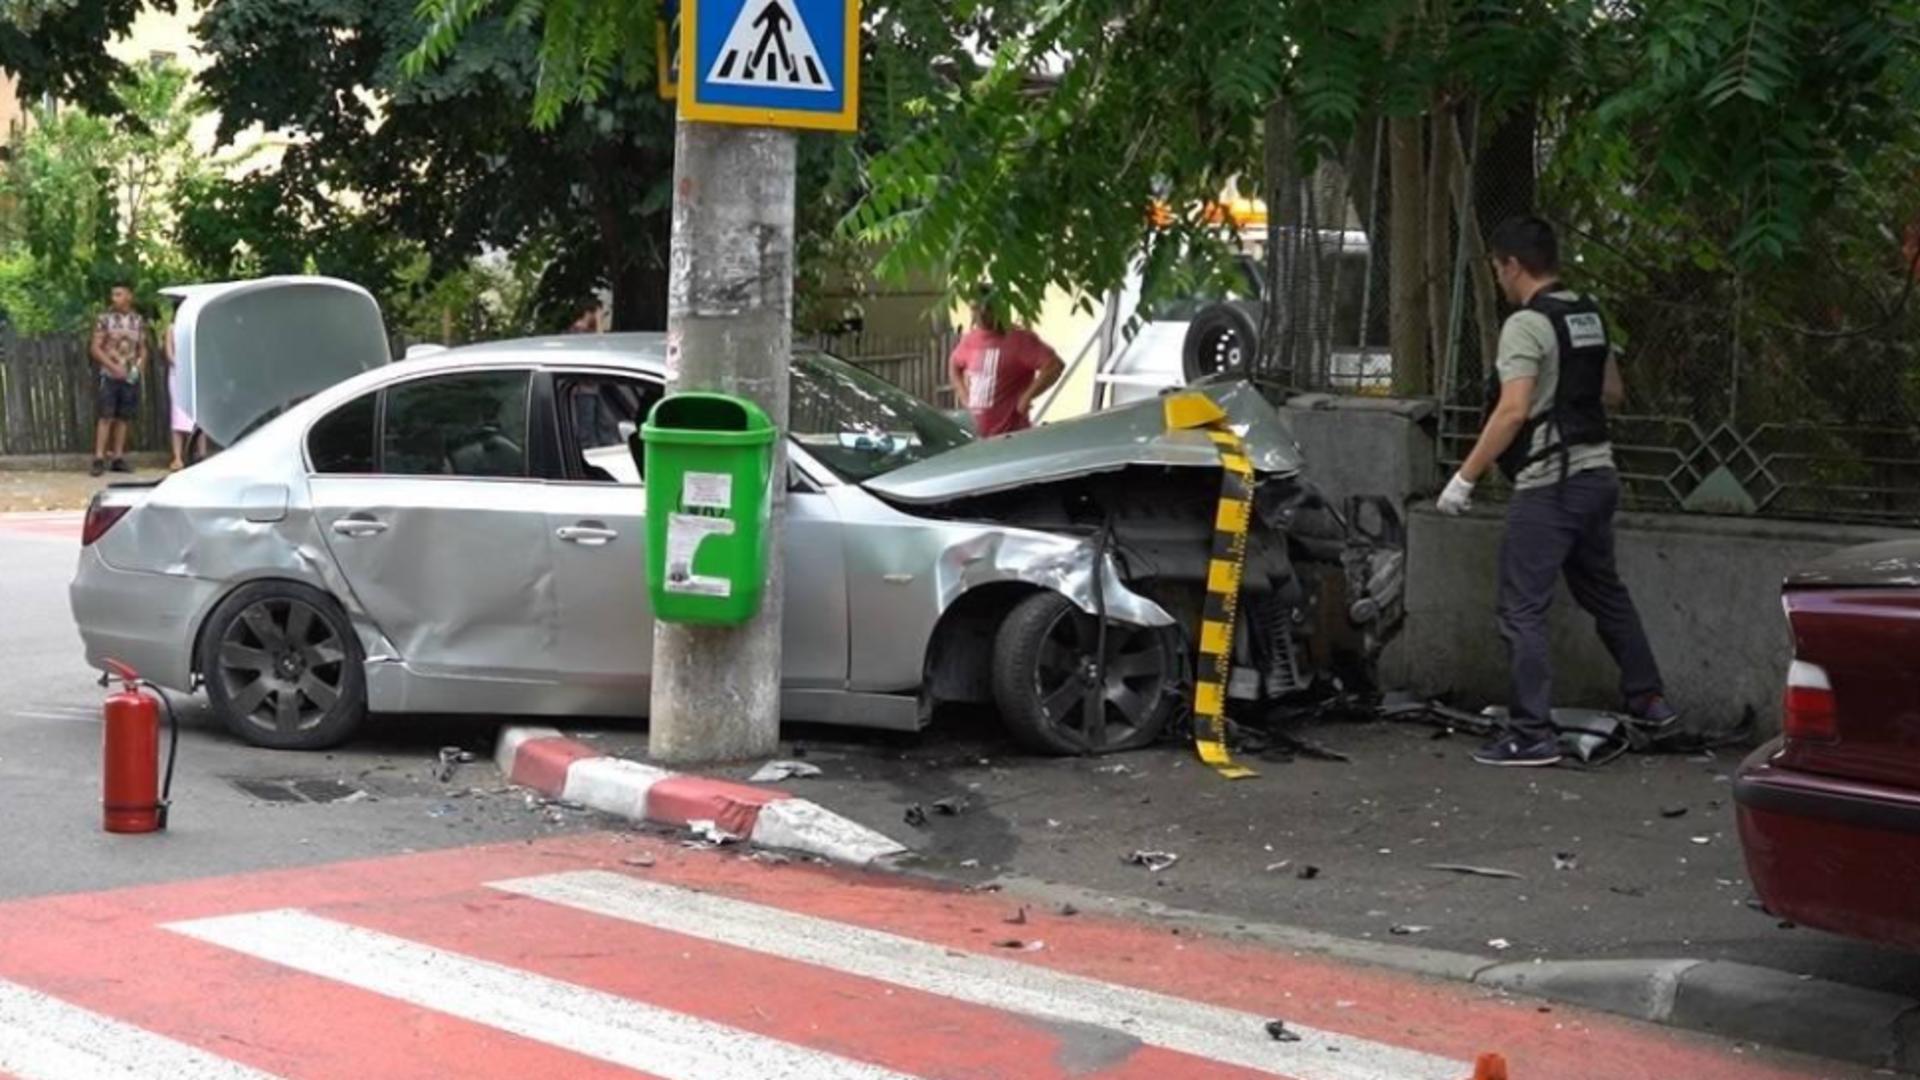 Accident în Târgoviște după o urmărire cu Poliția: 2 copii răniți și 3 mașini avariate Foto: captură Youtube